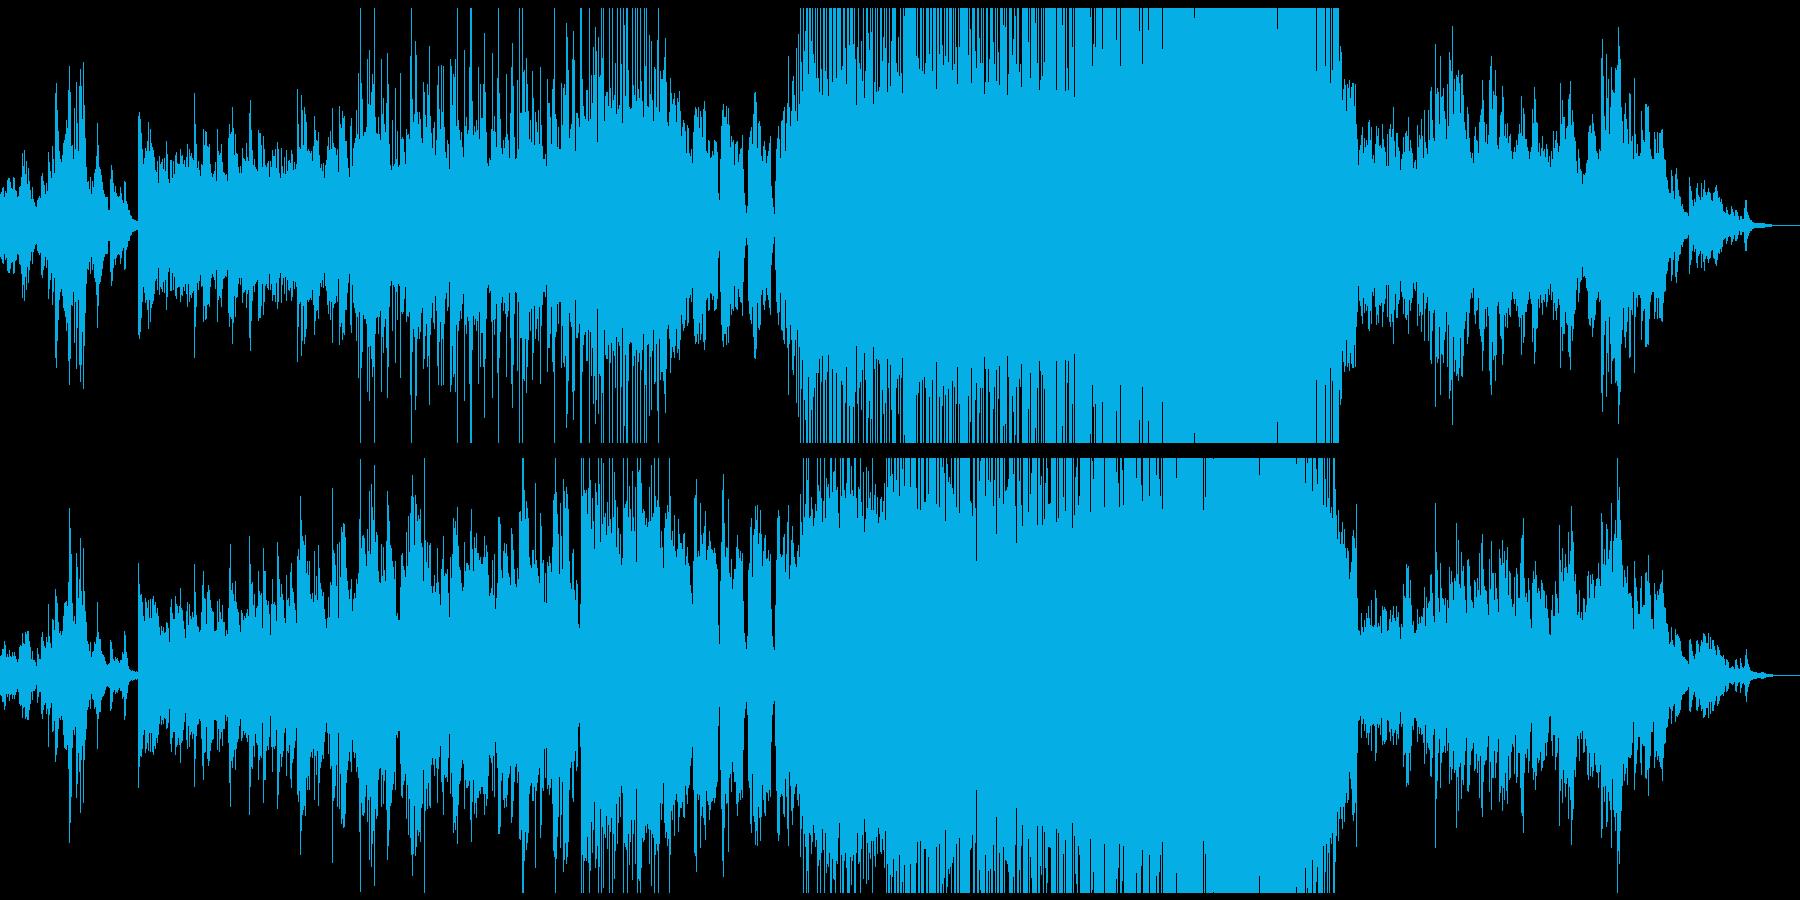 ジャズよりのギターバラード エンディングの再生済みの波形